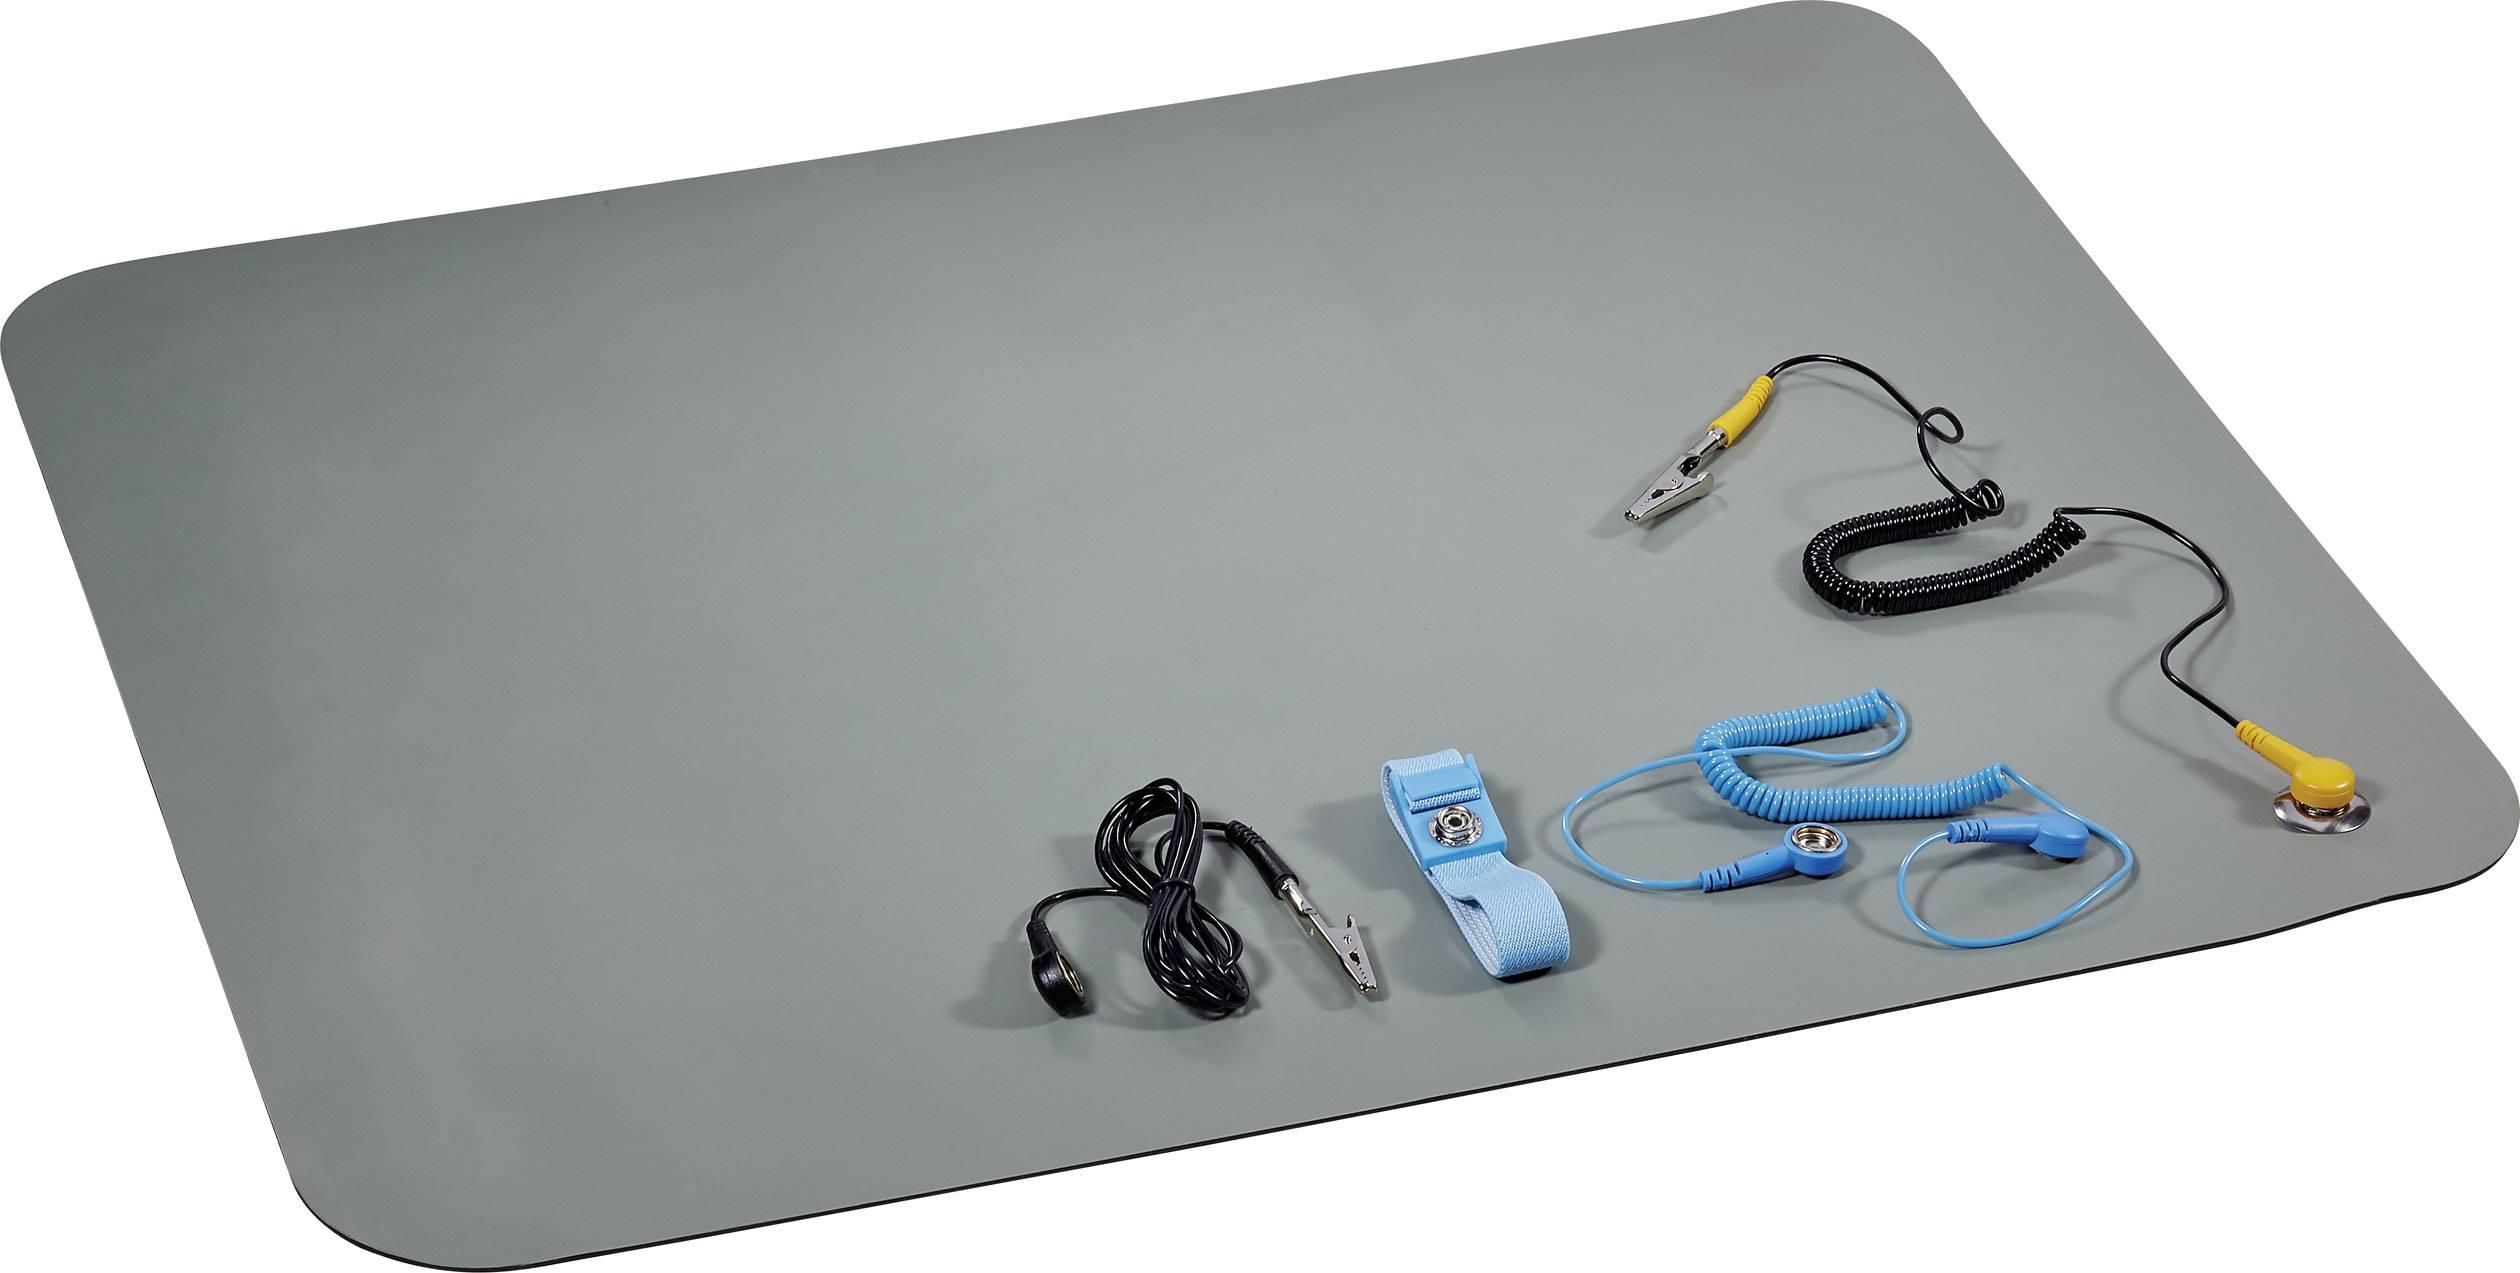 ESD podložky na stolík, sada Conrad Components 1268312, (d x š) 59 cm x 50 cm, sivozelená, čierna